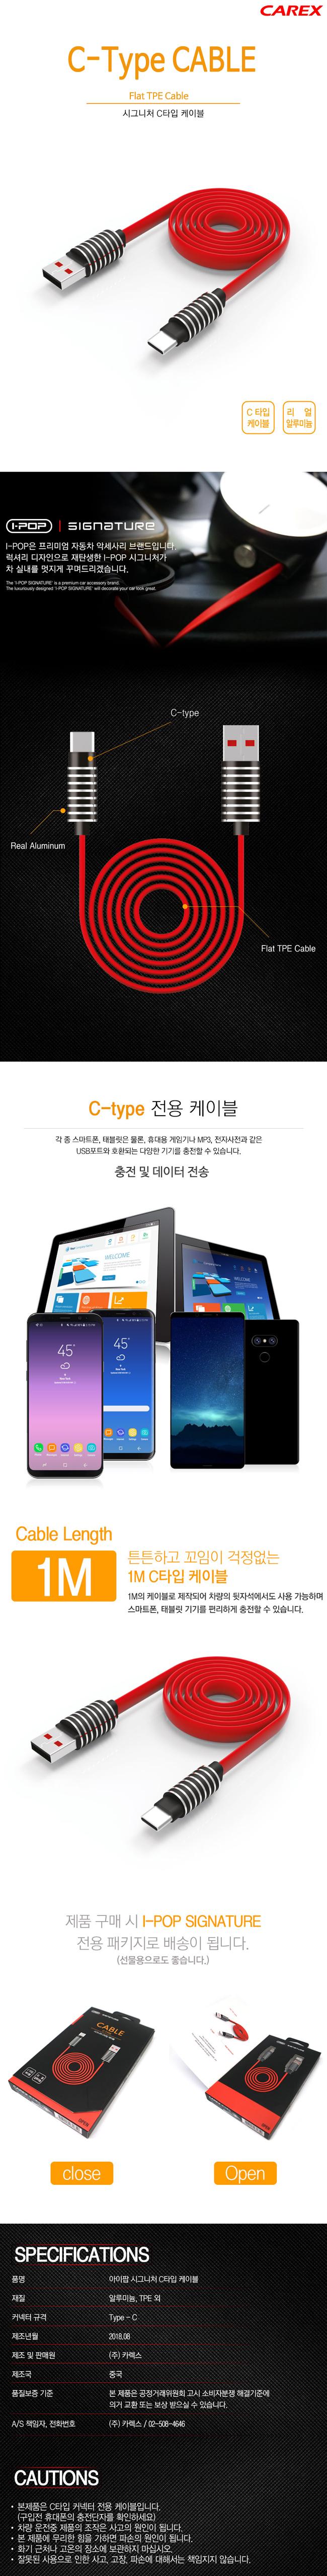 [CAREX] 아이팝 시그니처 충전케이블 (1m) - C타입